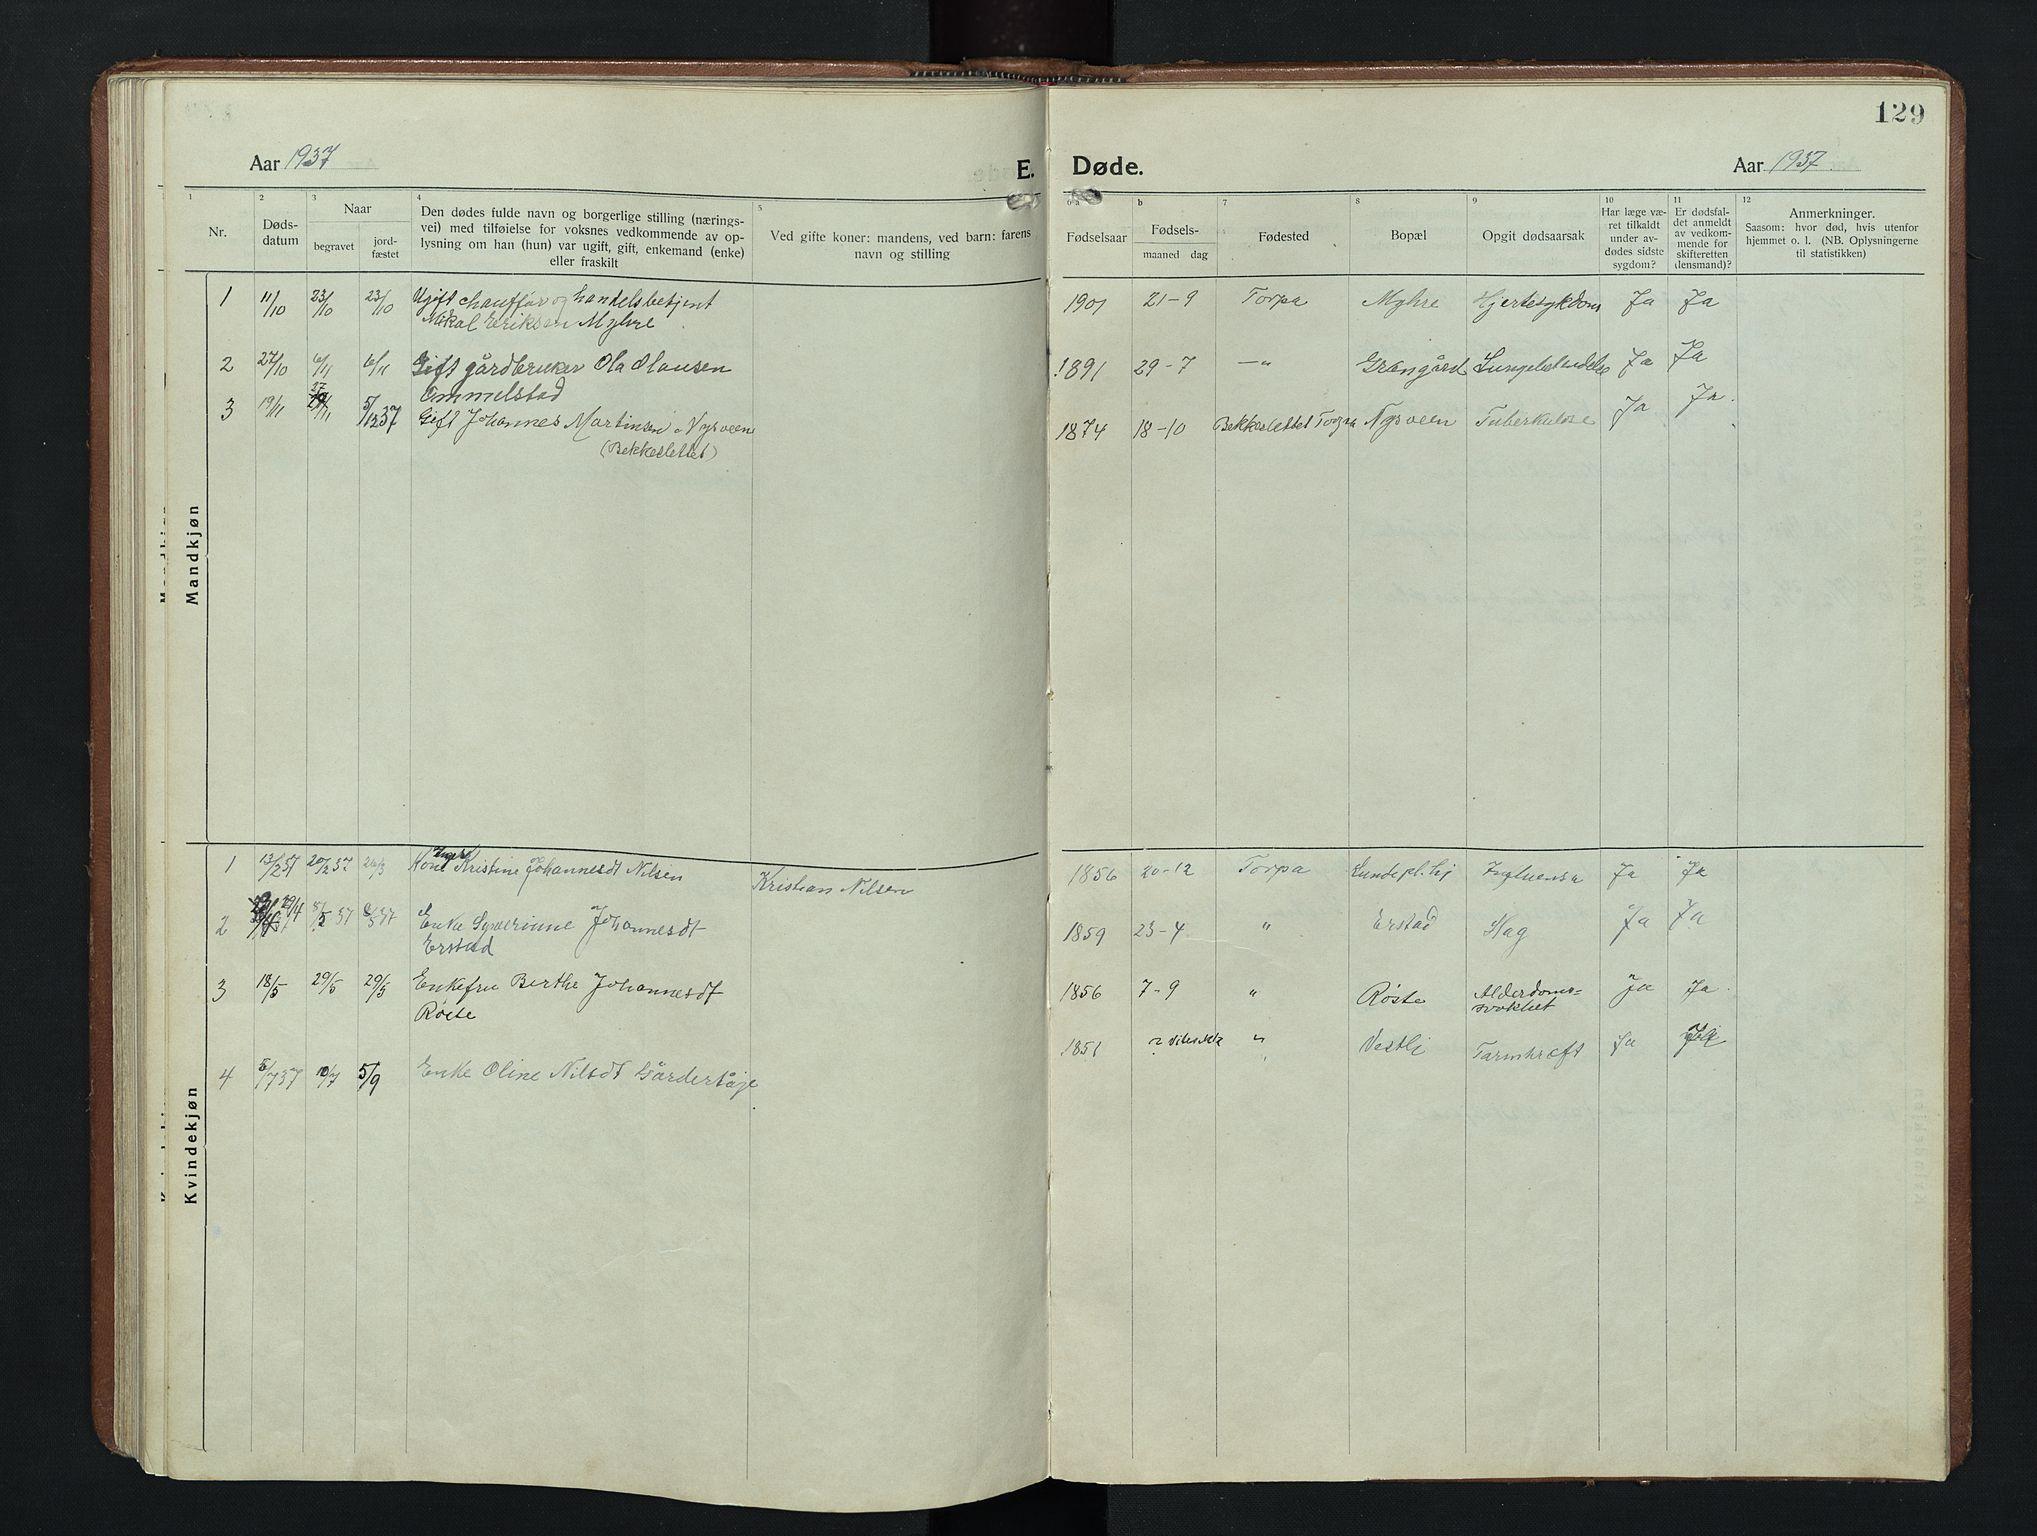 SAH, Nordre Land prestekontor, Klokkerbok nr. 9, 1921-1956, s. 129